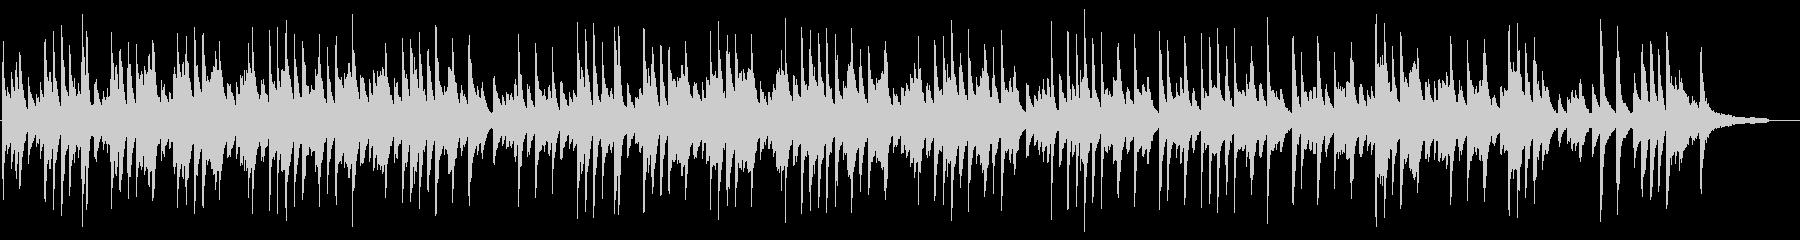 さわやかなイメージのピアノソロBGMの未再生の波形